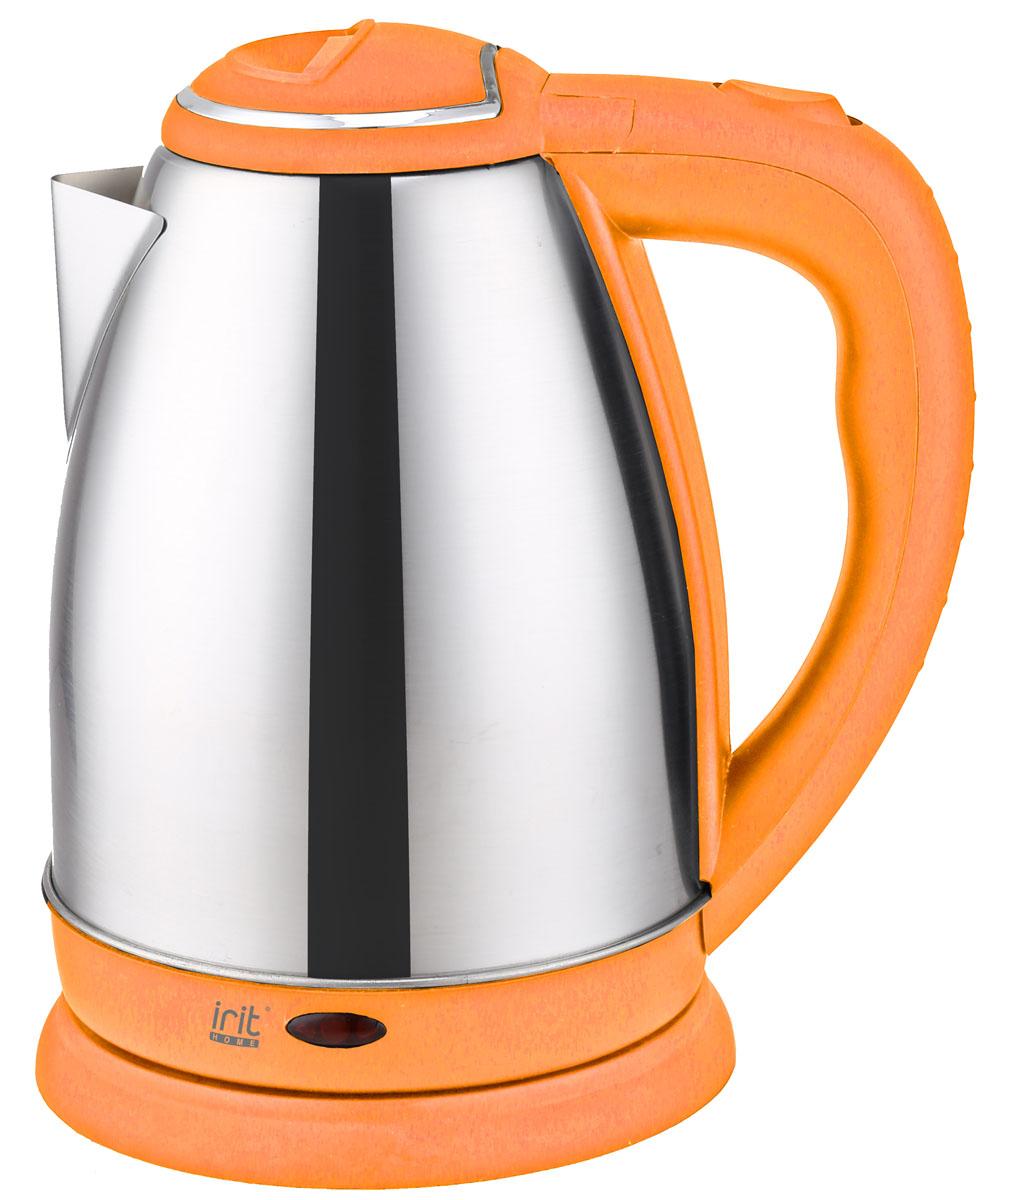 Irit IR-1337, Orange электрический чайникIR-1337_orangeЭлектрочайник Irit IR-1337 имеет корпус из нержавеющей стали. Максимальный объем составляет 1,8 л, амощность 1500 Вт. Среди особенностей данной модели можно выделить закрытый нагревательный элемент, отсекдля сетевого шнура, индикацию включения, вращение корпуса на 360 градусов и автоматическое отключение принедостаточном количестве воды.